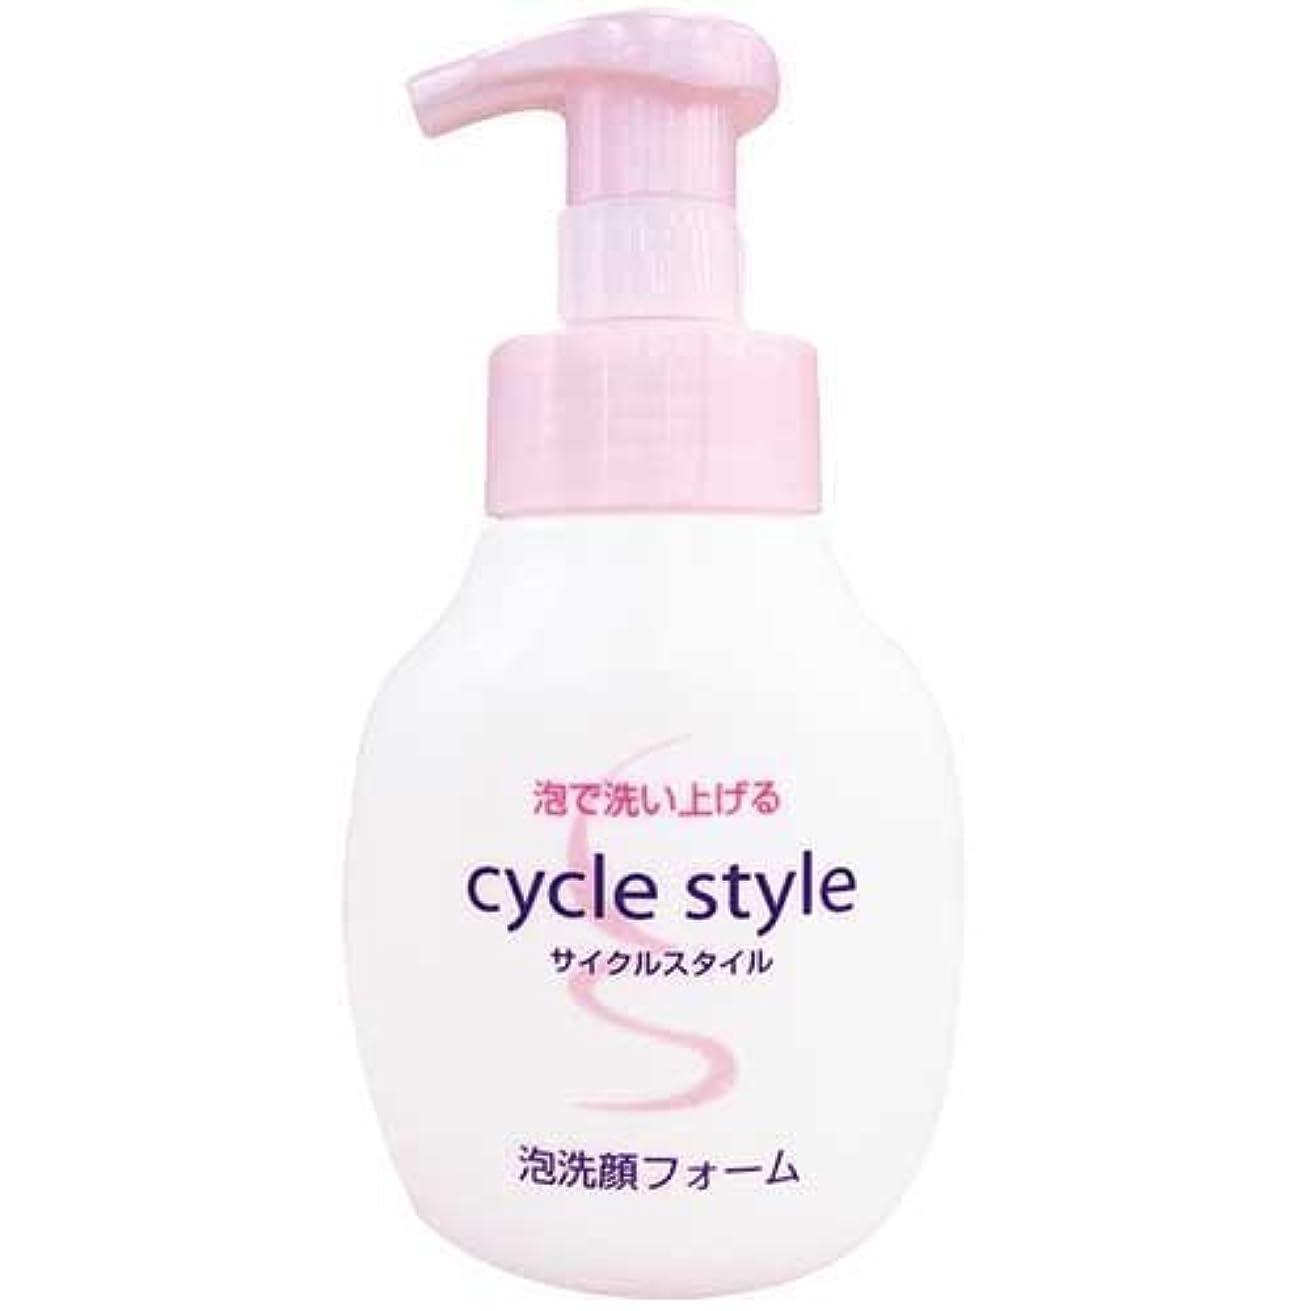 ワーム自信がある敬意を表してサイクルスタイル 泡洗顔フォーム 本体 250ml 【まとめ買い120個セット】